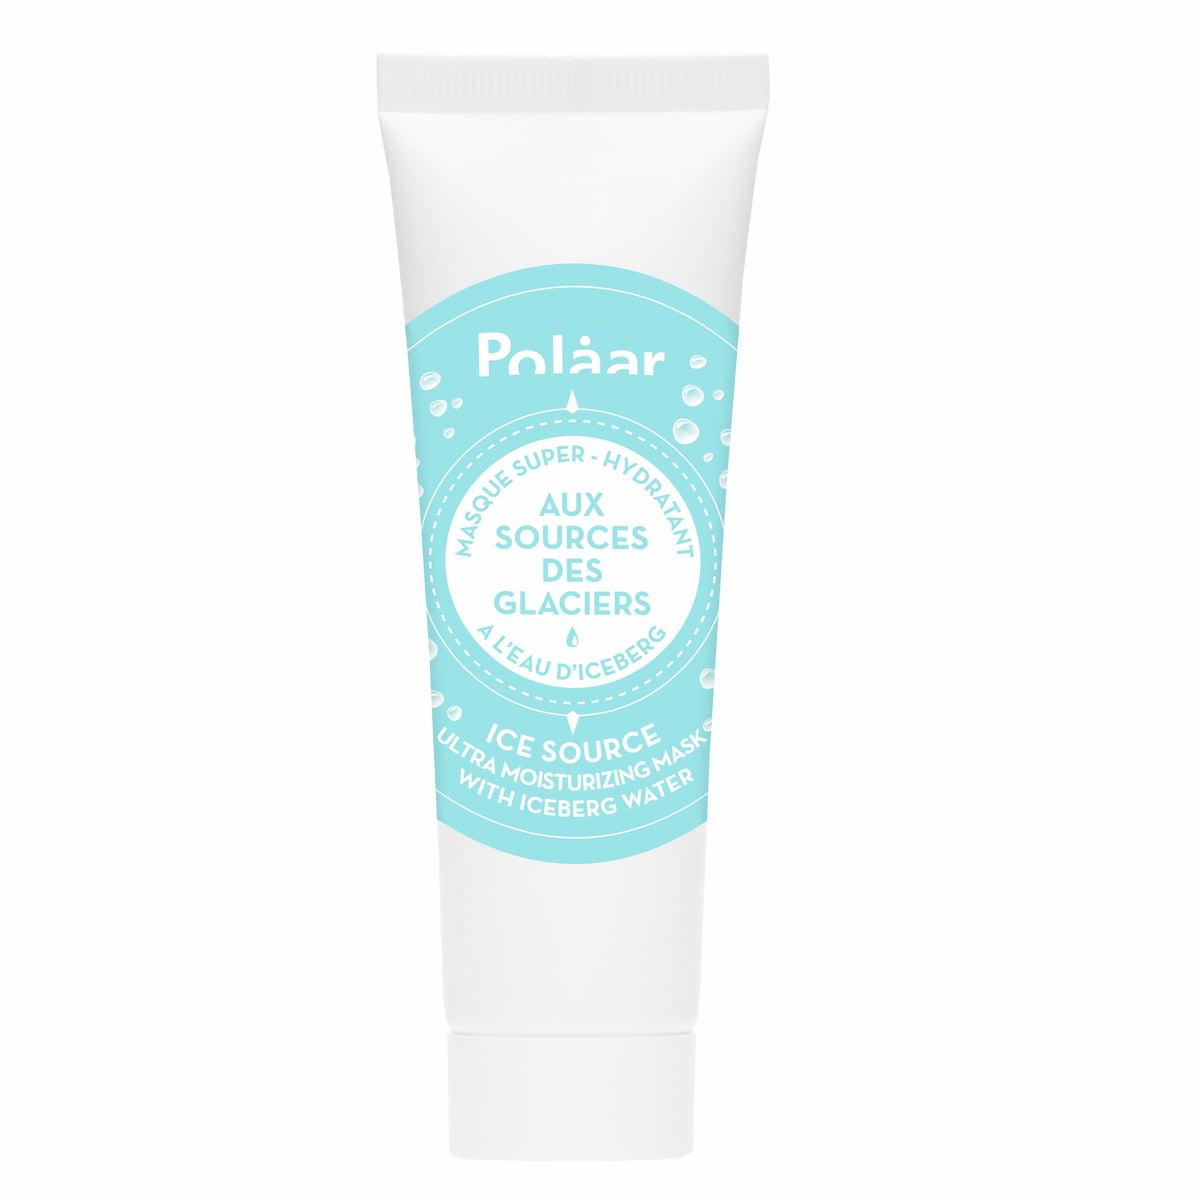 Polaar - Aux Sources des Glaciers - Masque super-hydratant